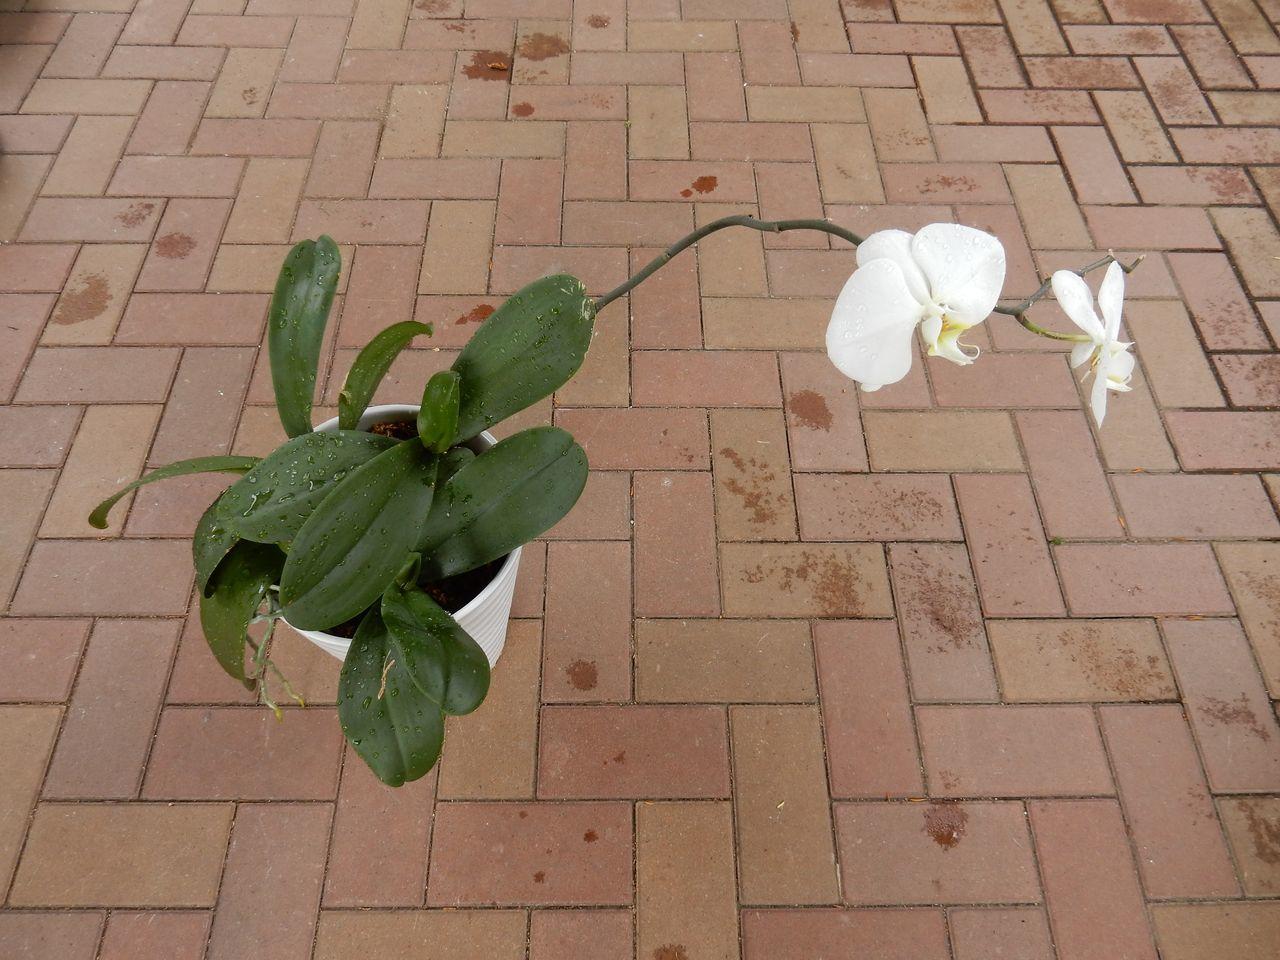 室内の植物を外に出してシャワー_c0025115_21072739.jpg